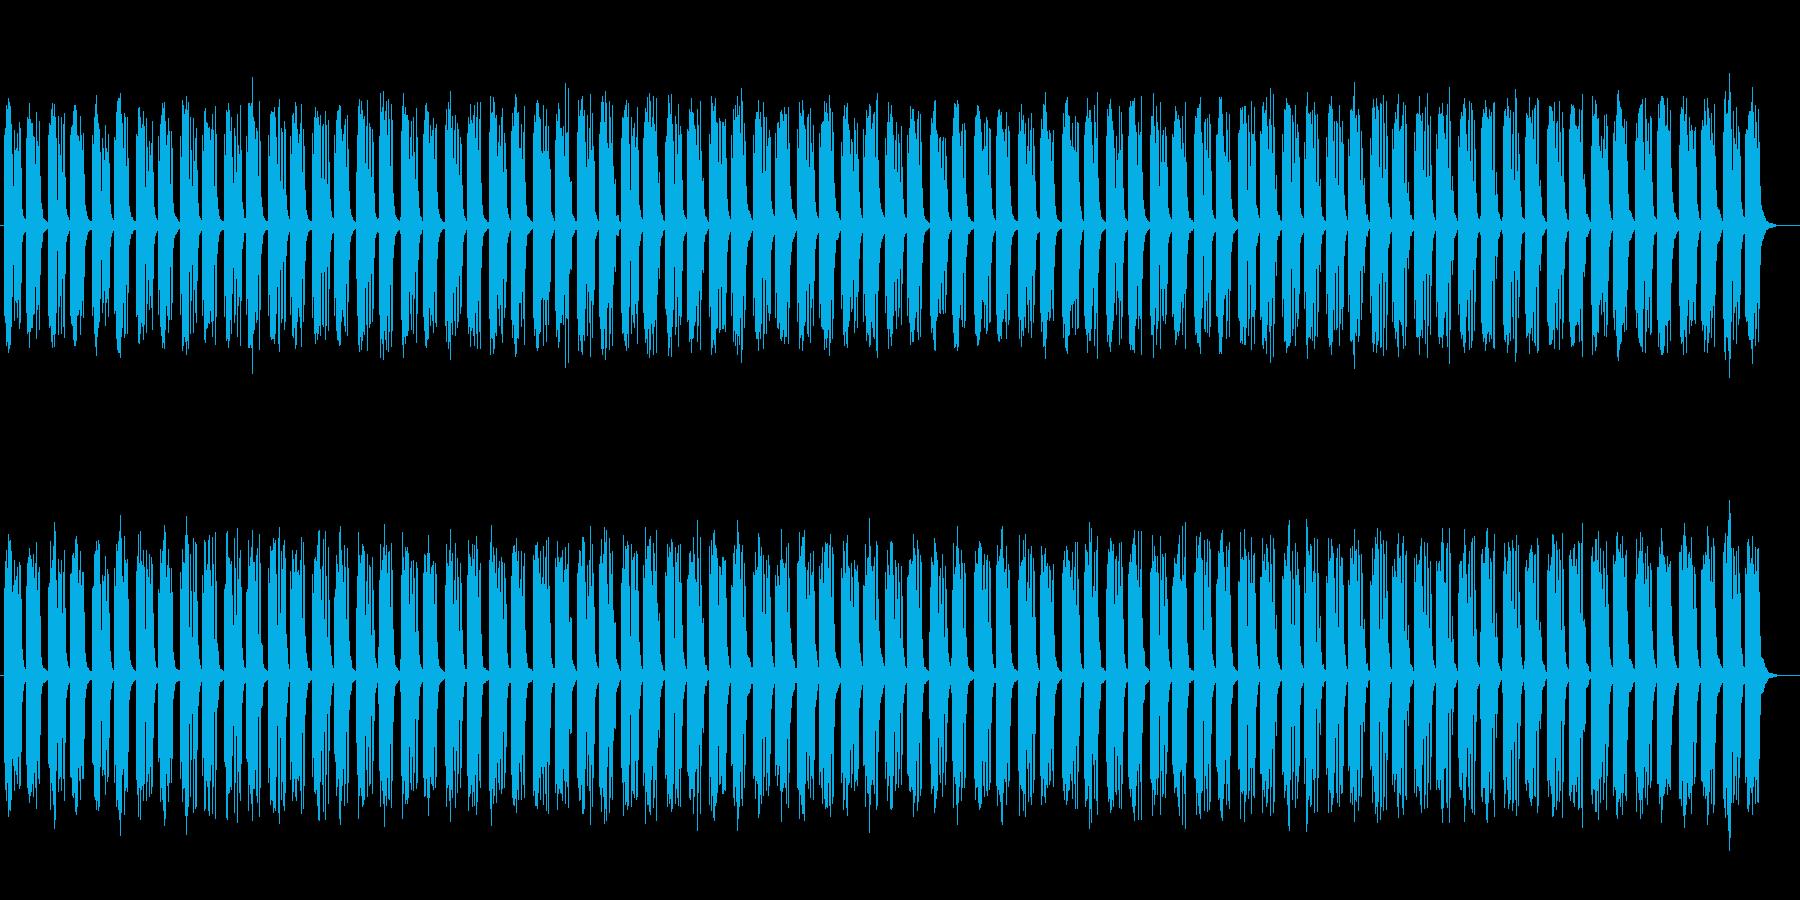 ファンタジーな木琴シンセサイザーサウンドの再生済みの波形